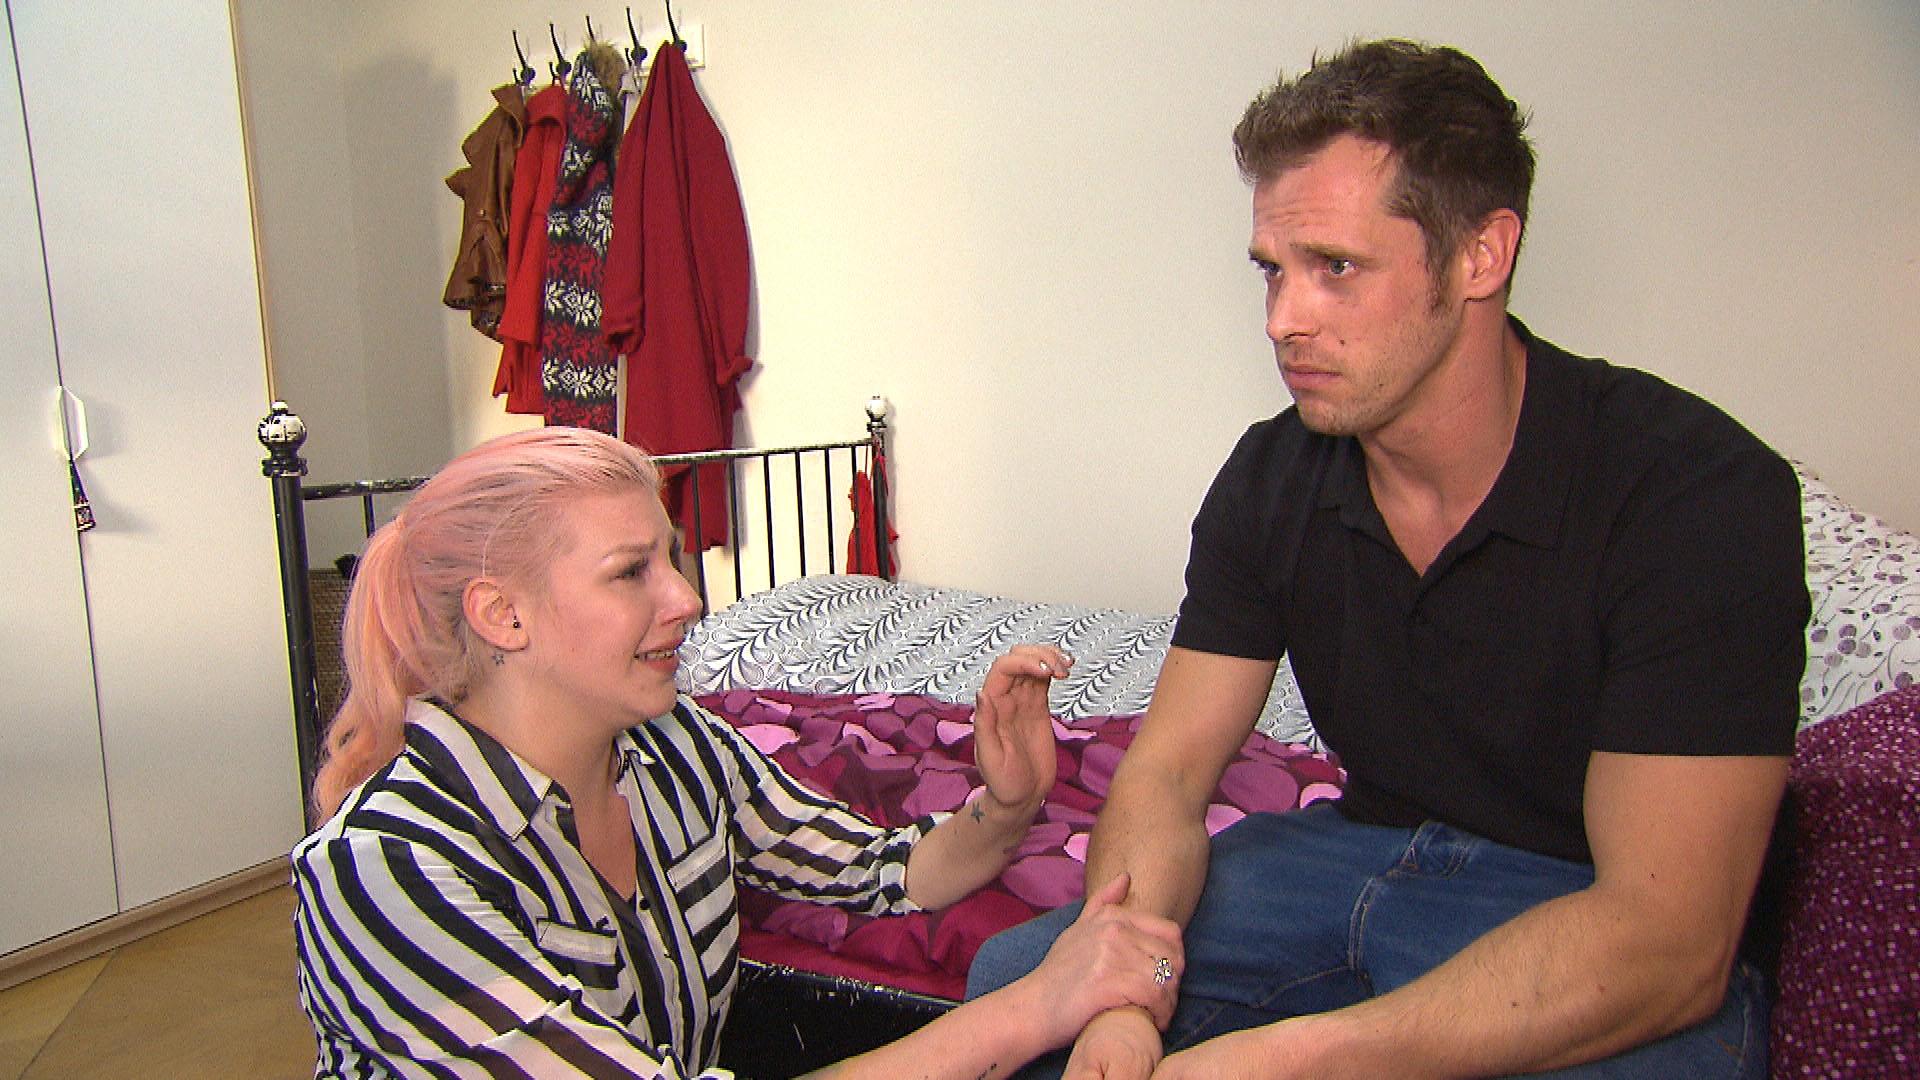 Basti (re.) kehrt niedergeschlagen zu Paula (li.) zurück. Sie schwört, dass sie nicht mit David geschlafen hat und dessen Brief eine Lüge war. (Quelle: RTL 2)